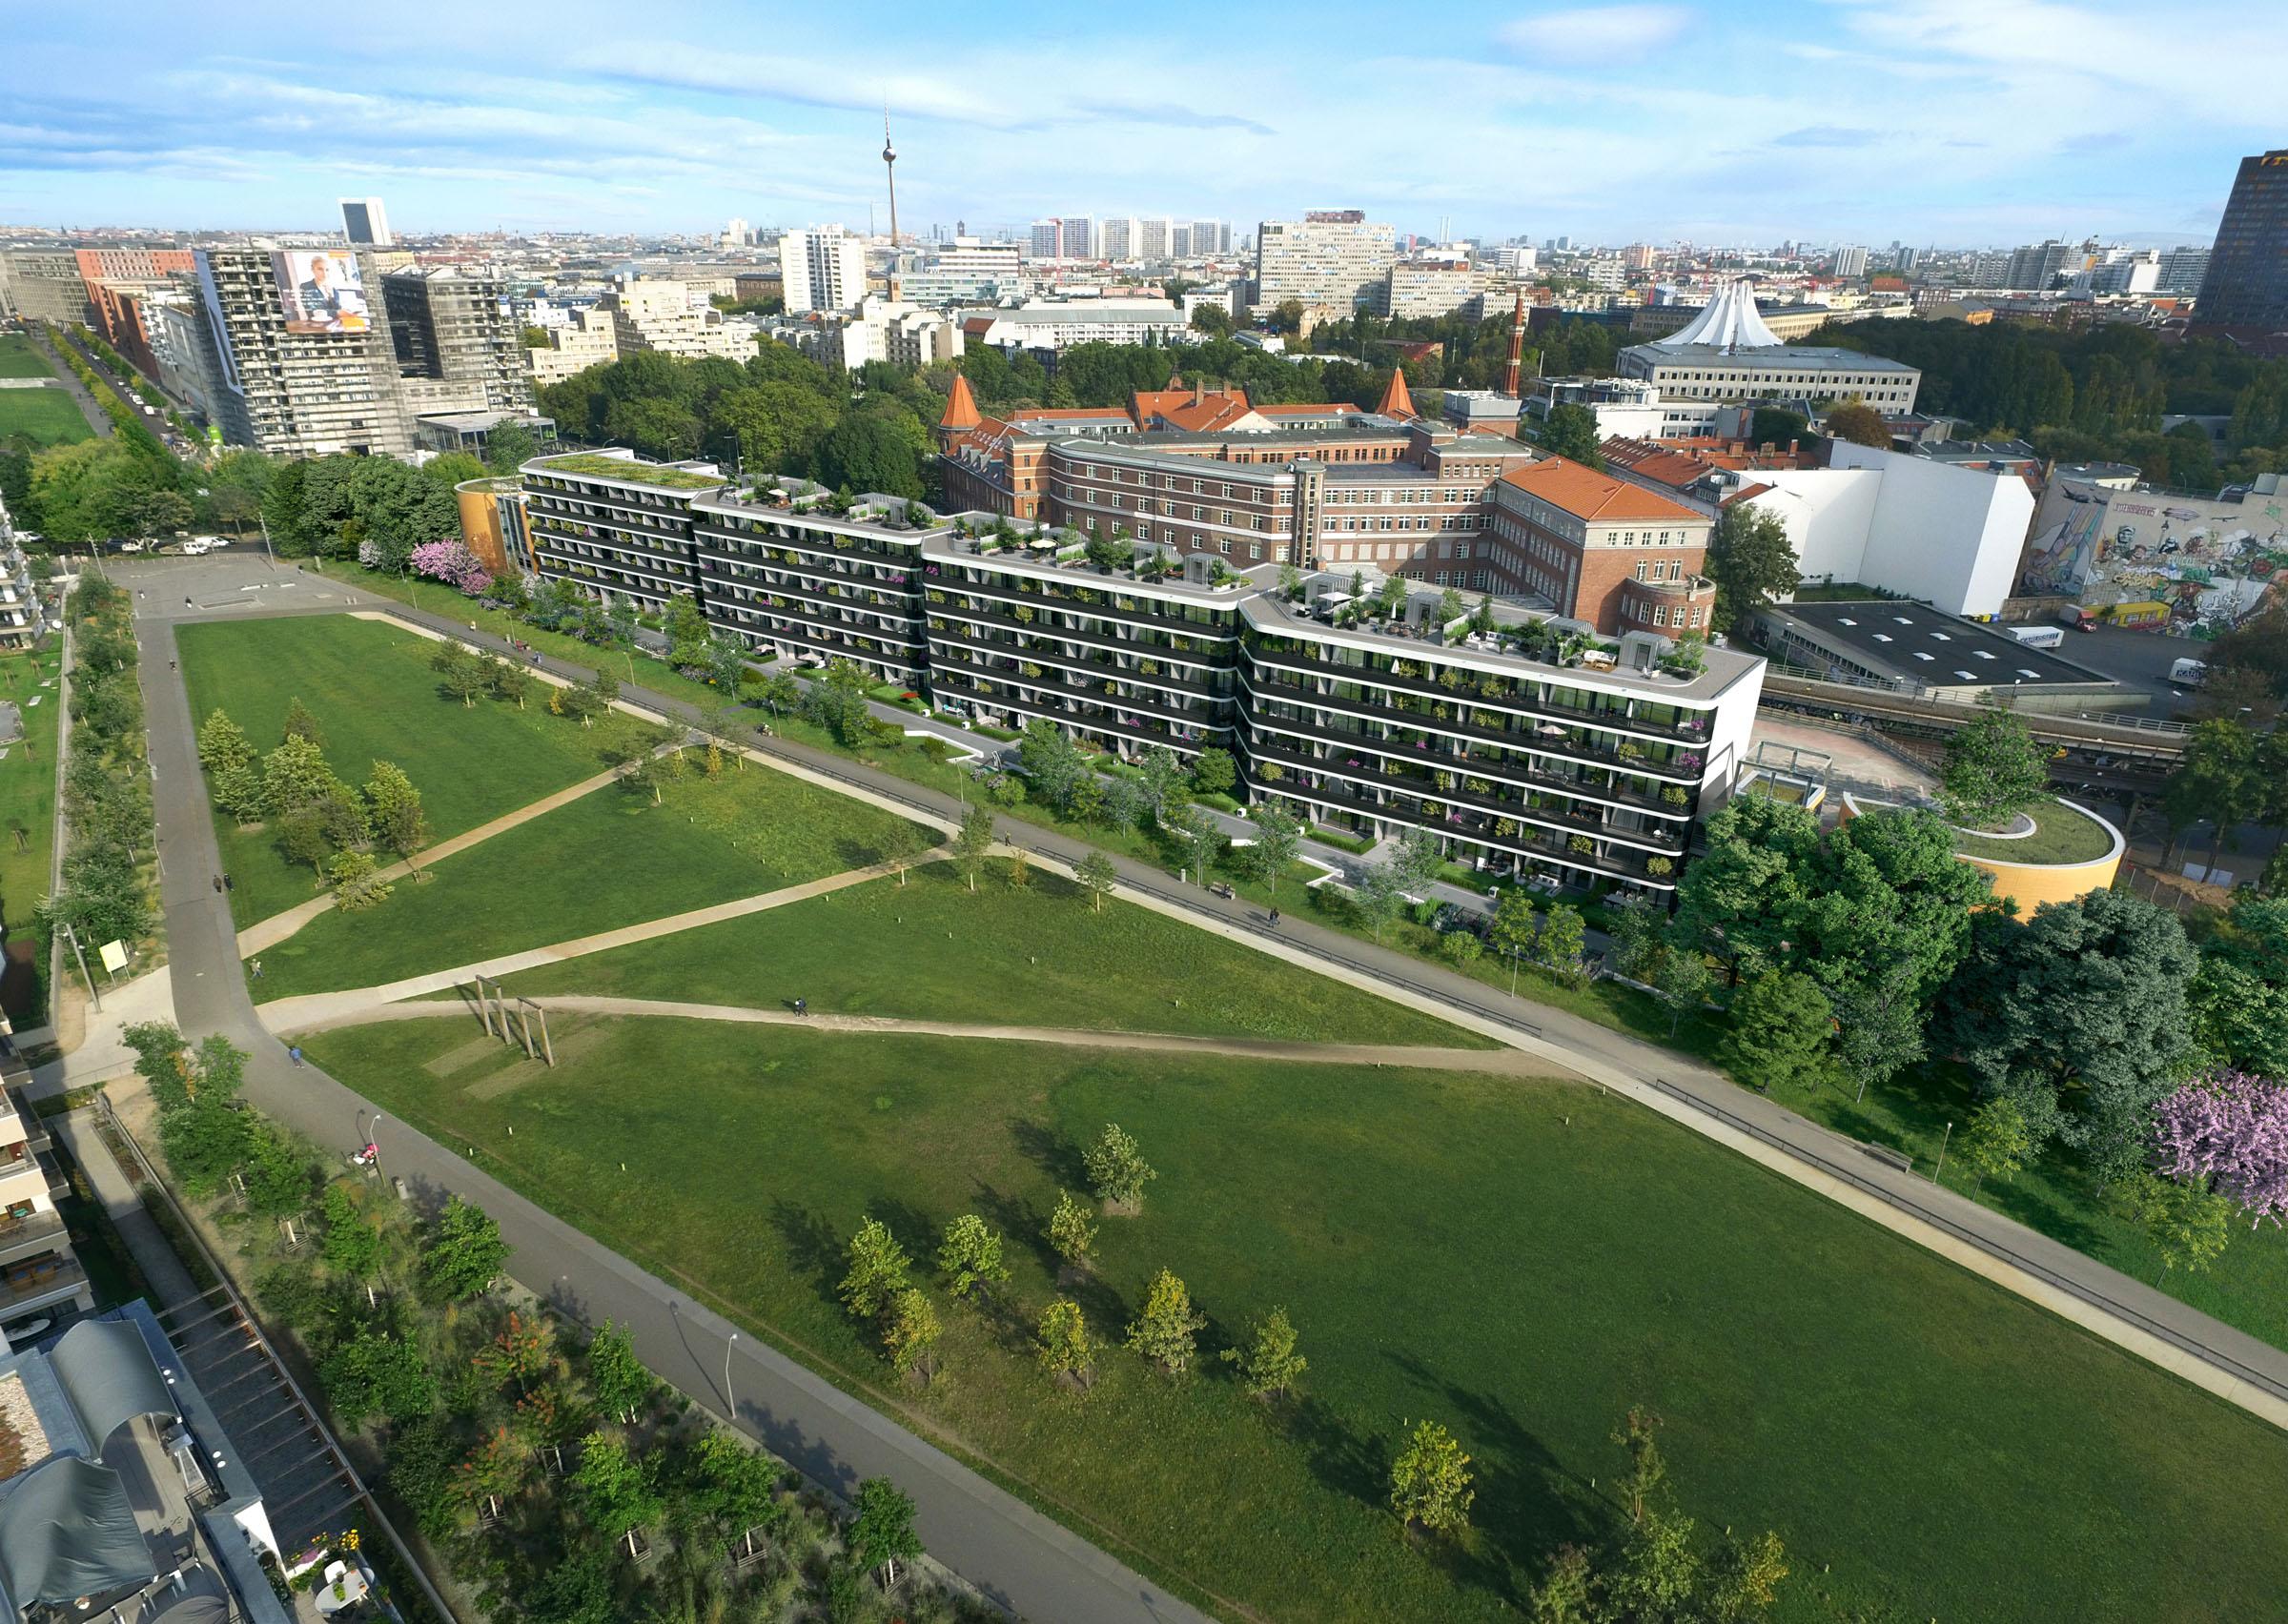 Wohnen gleis park berlin l i l l s p a r l a landschaftsarchitekten k ln - Landschaftsarchitekten koln ...